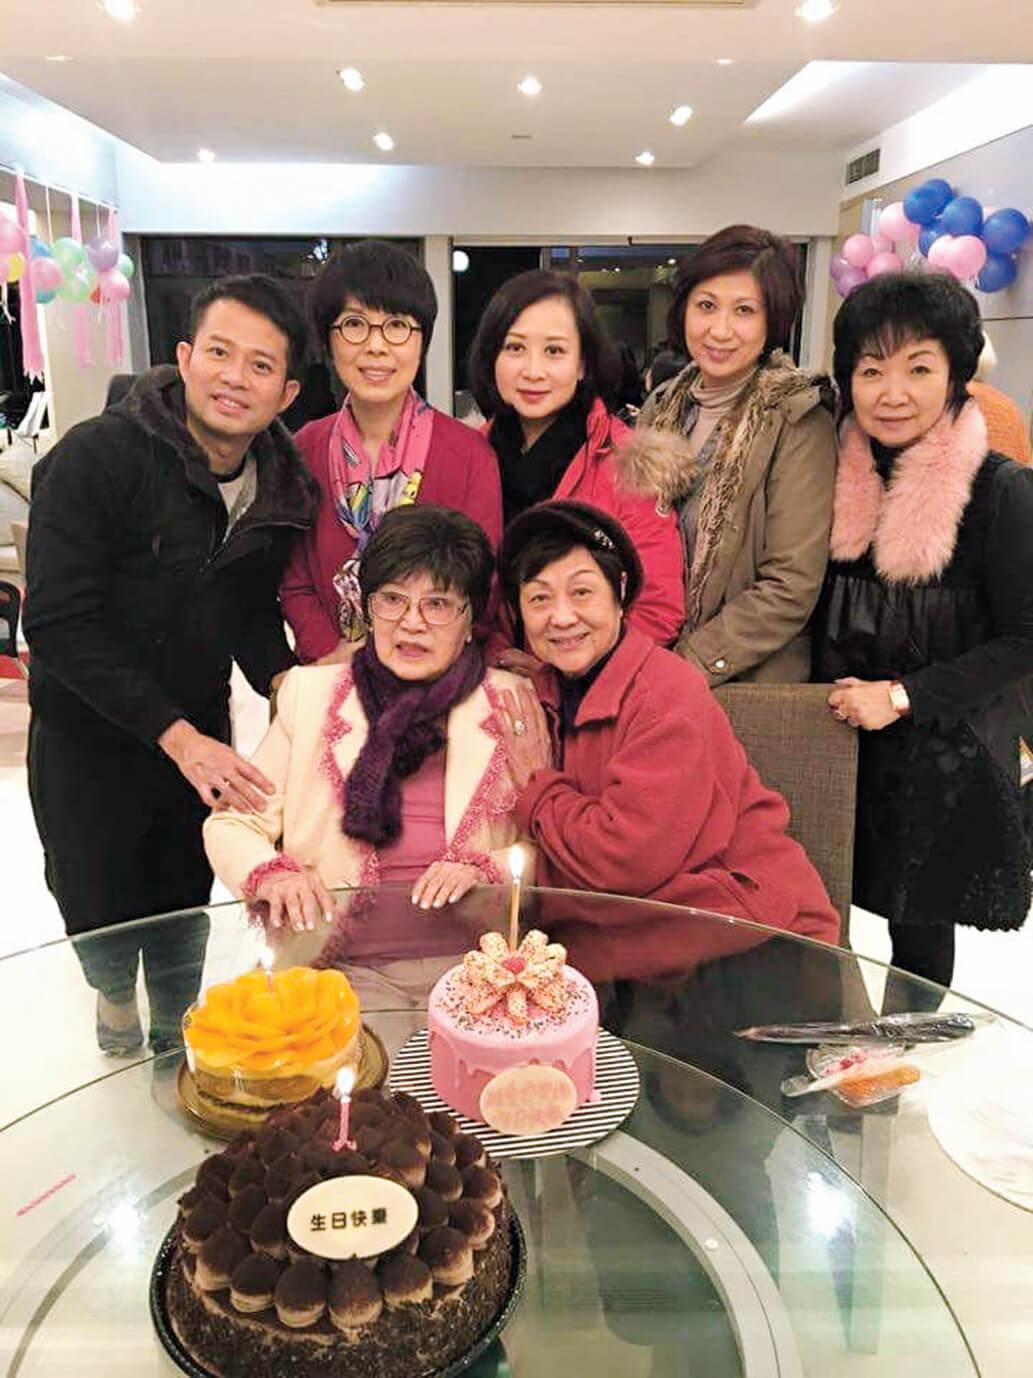 李香琴八十四歲生日,契女關菊英及其親友在家中為她開派對慶生,壽星精神不俗,打扮成迷人pink lady,儘管外面天寒地凍,家中暖意洋溢,感覺窩心。(圖片來源︰明報)